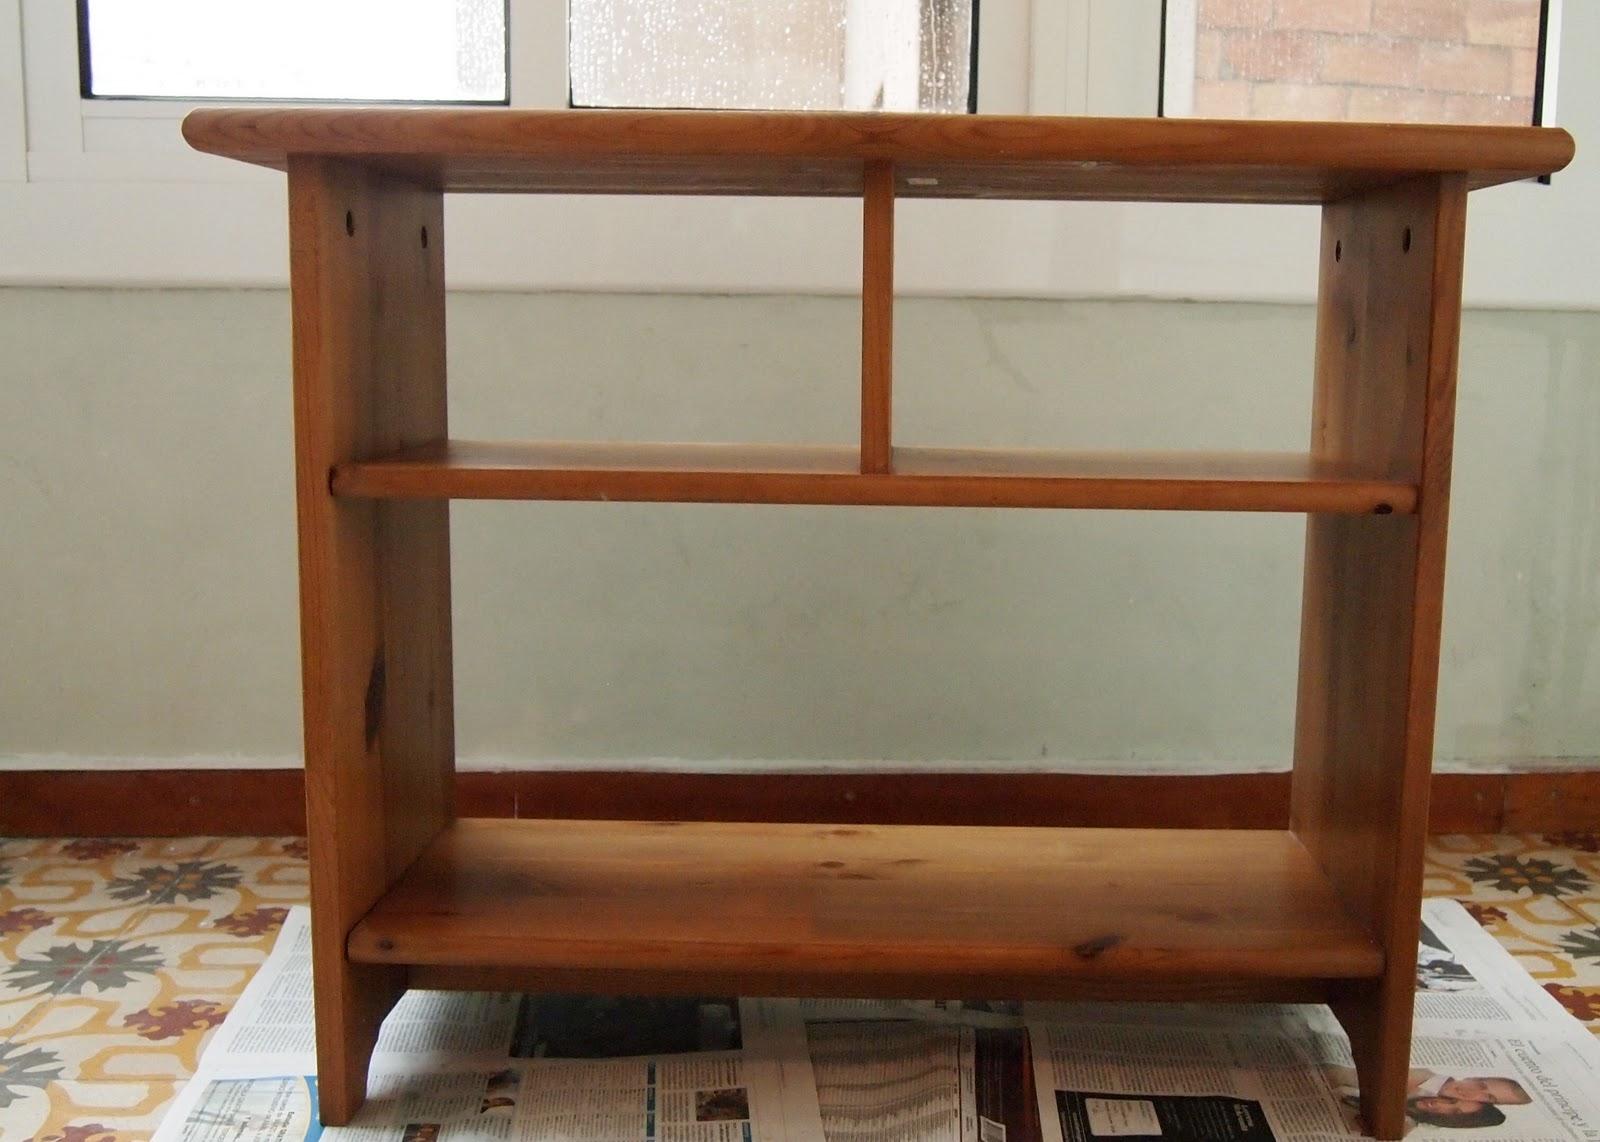 El placer del hacer redecorando un mueble de ikea for Mueble 4 huecos ikea